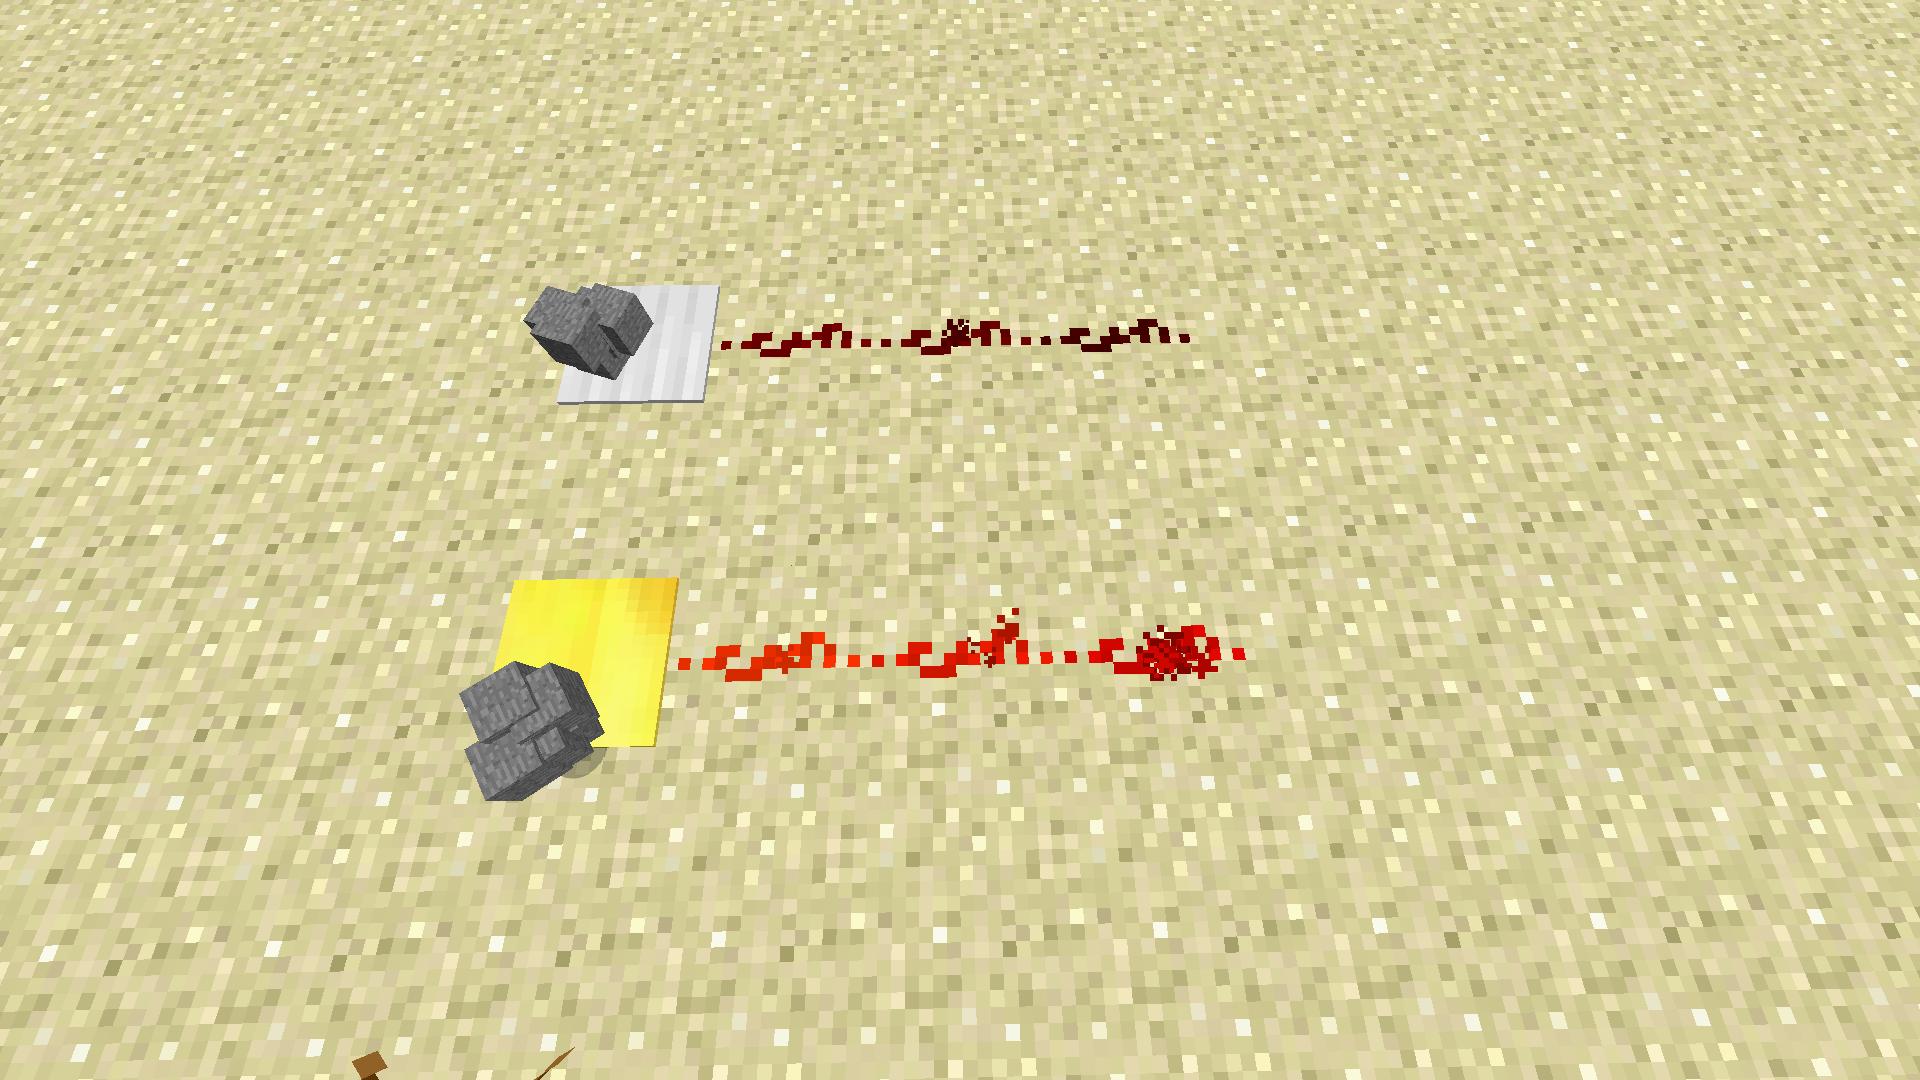 Железная весовая плита и золотая весовая плита в minecraft